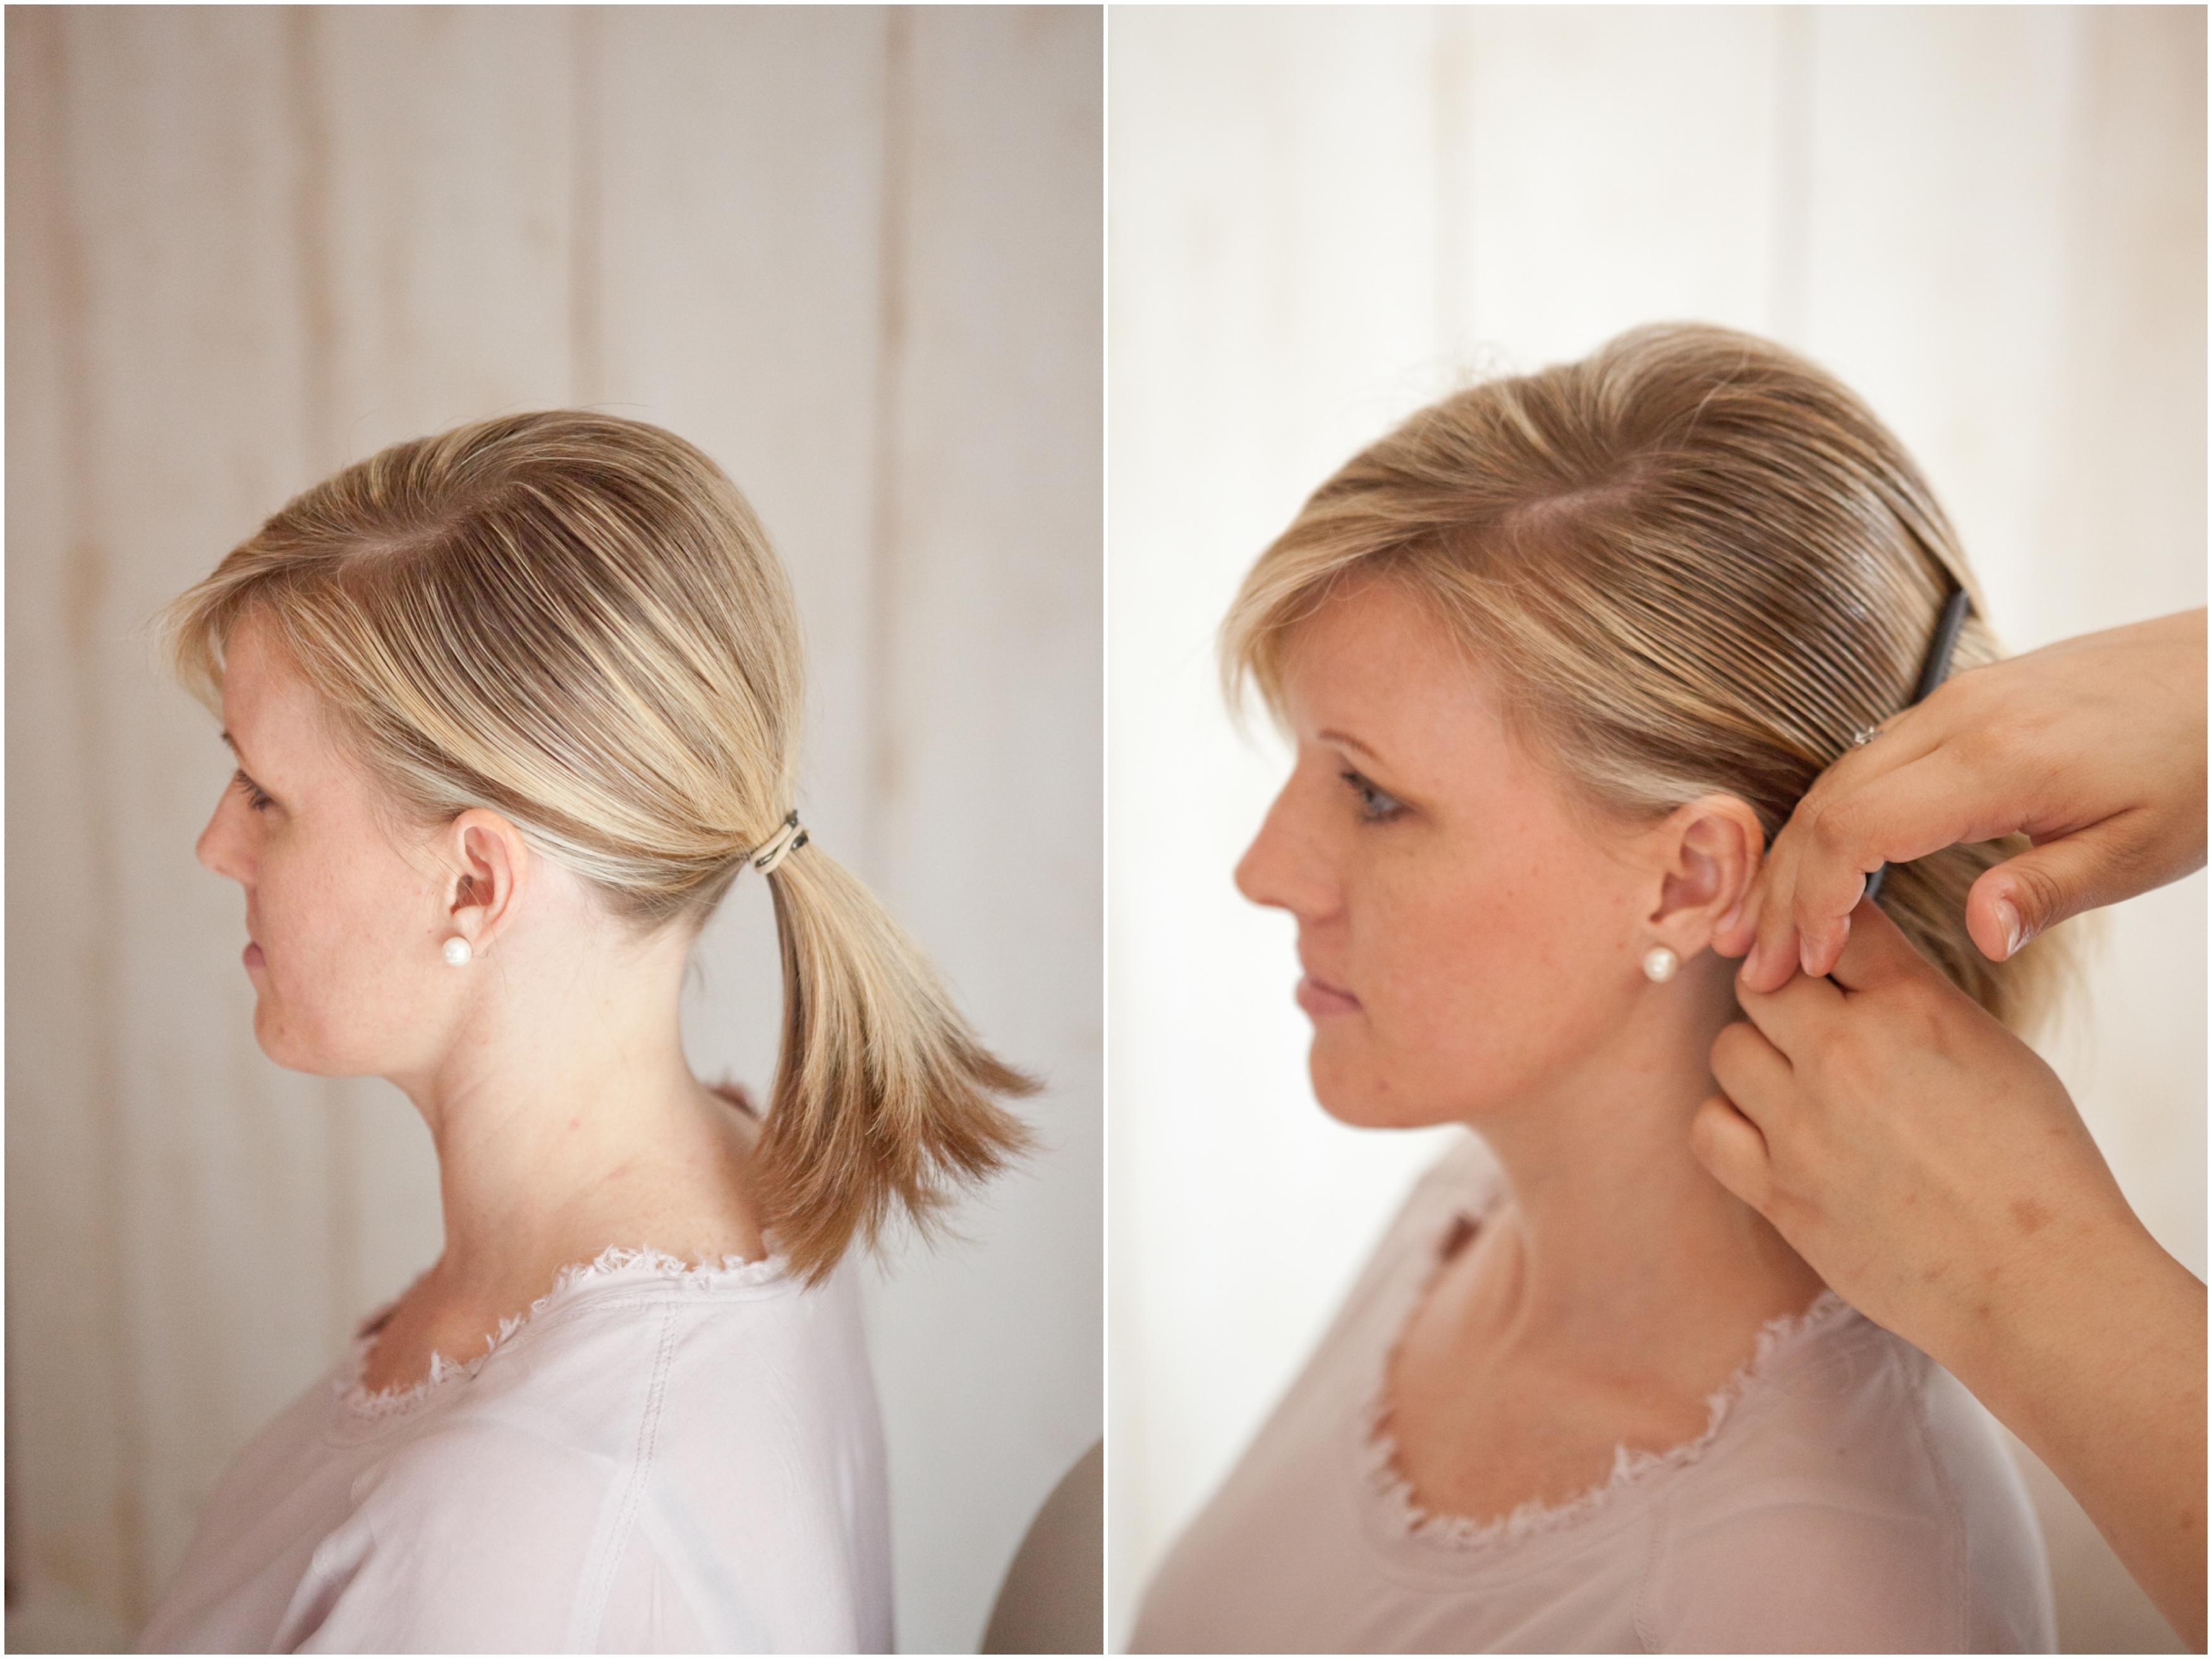 Wedding Hairstyles Low Bun Bangs Diy (View 13 of 15)